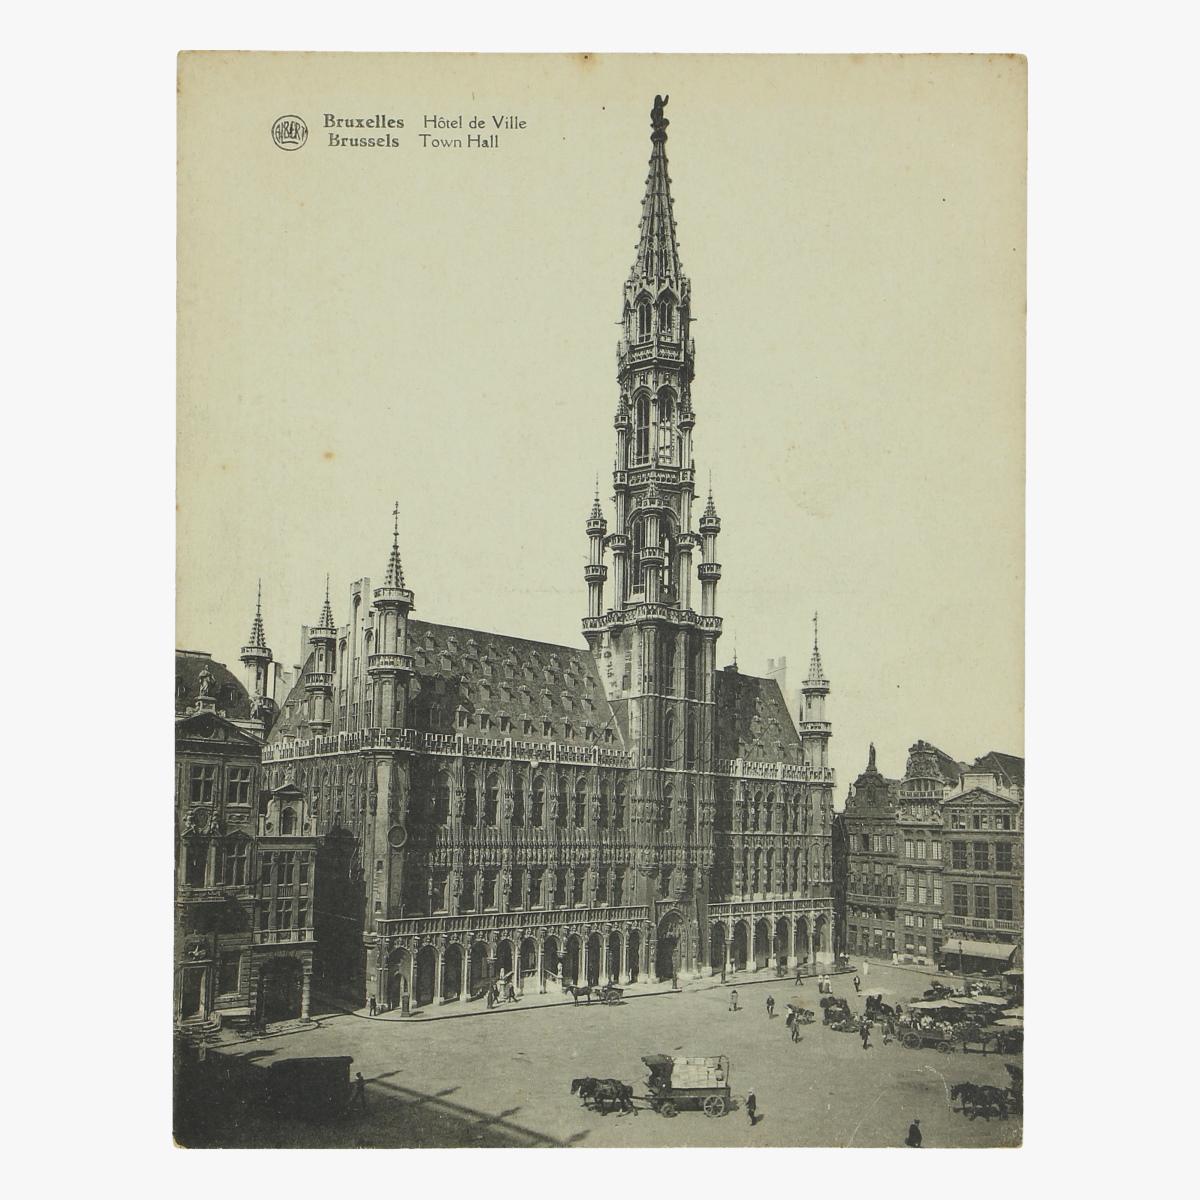 Afbeeldingen van oude postkaart hotel de villes brussel